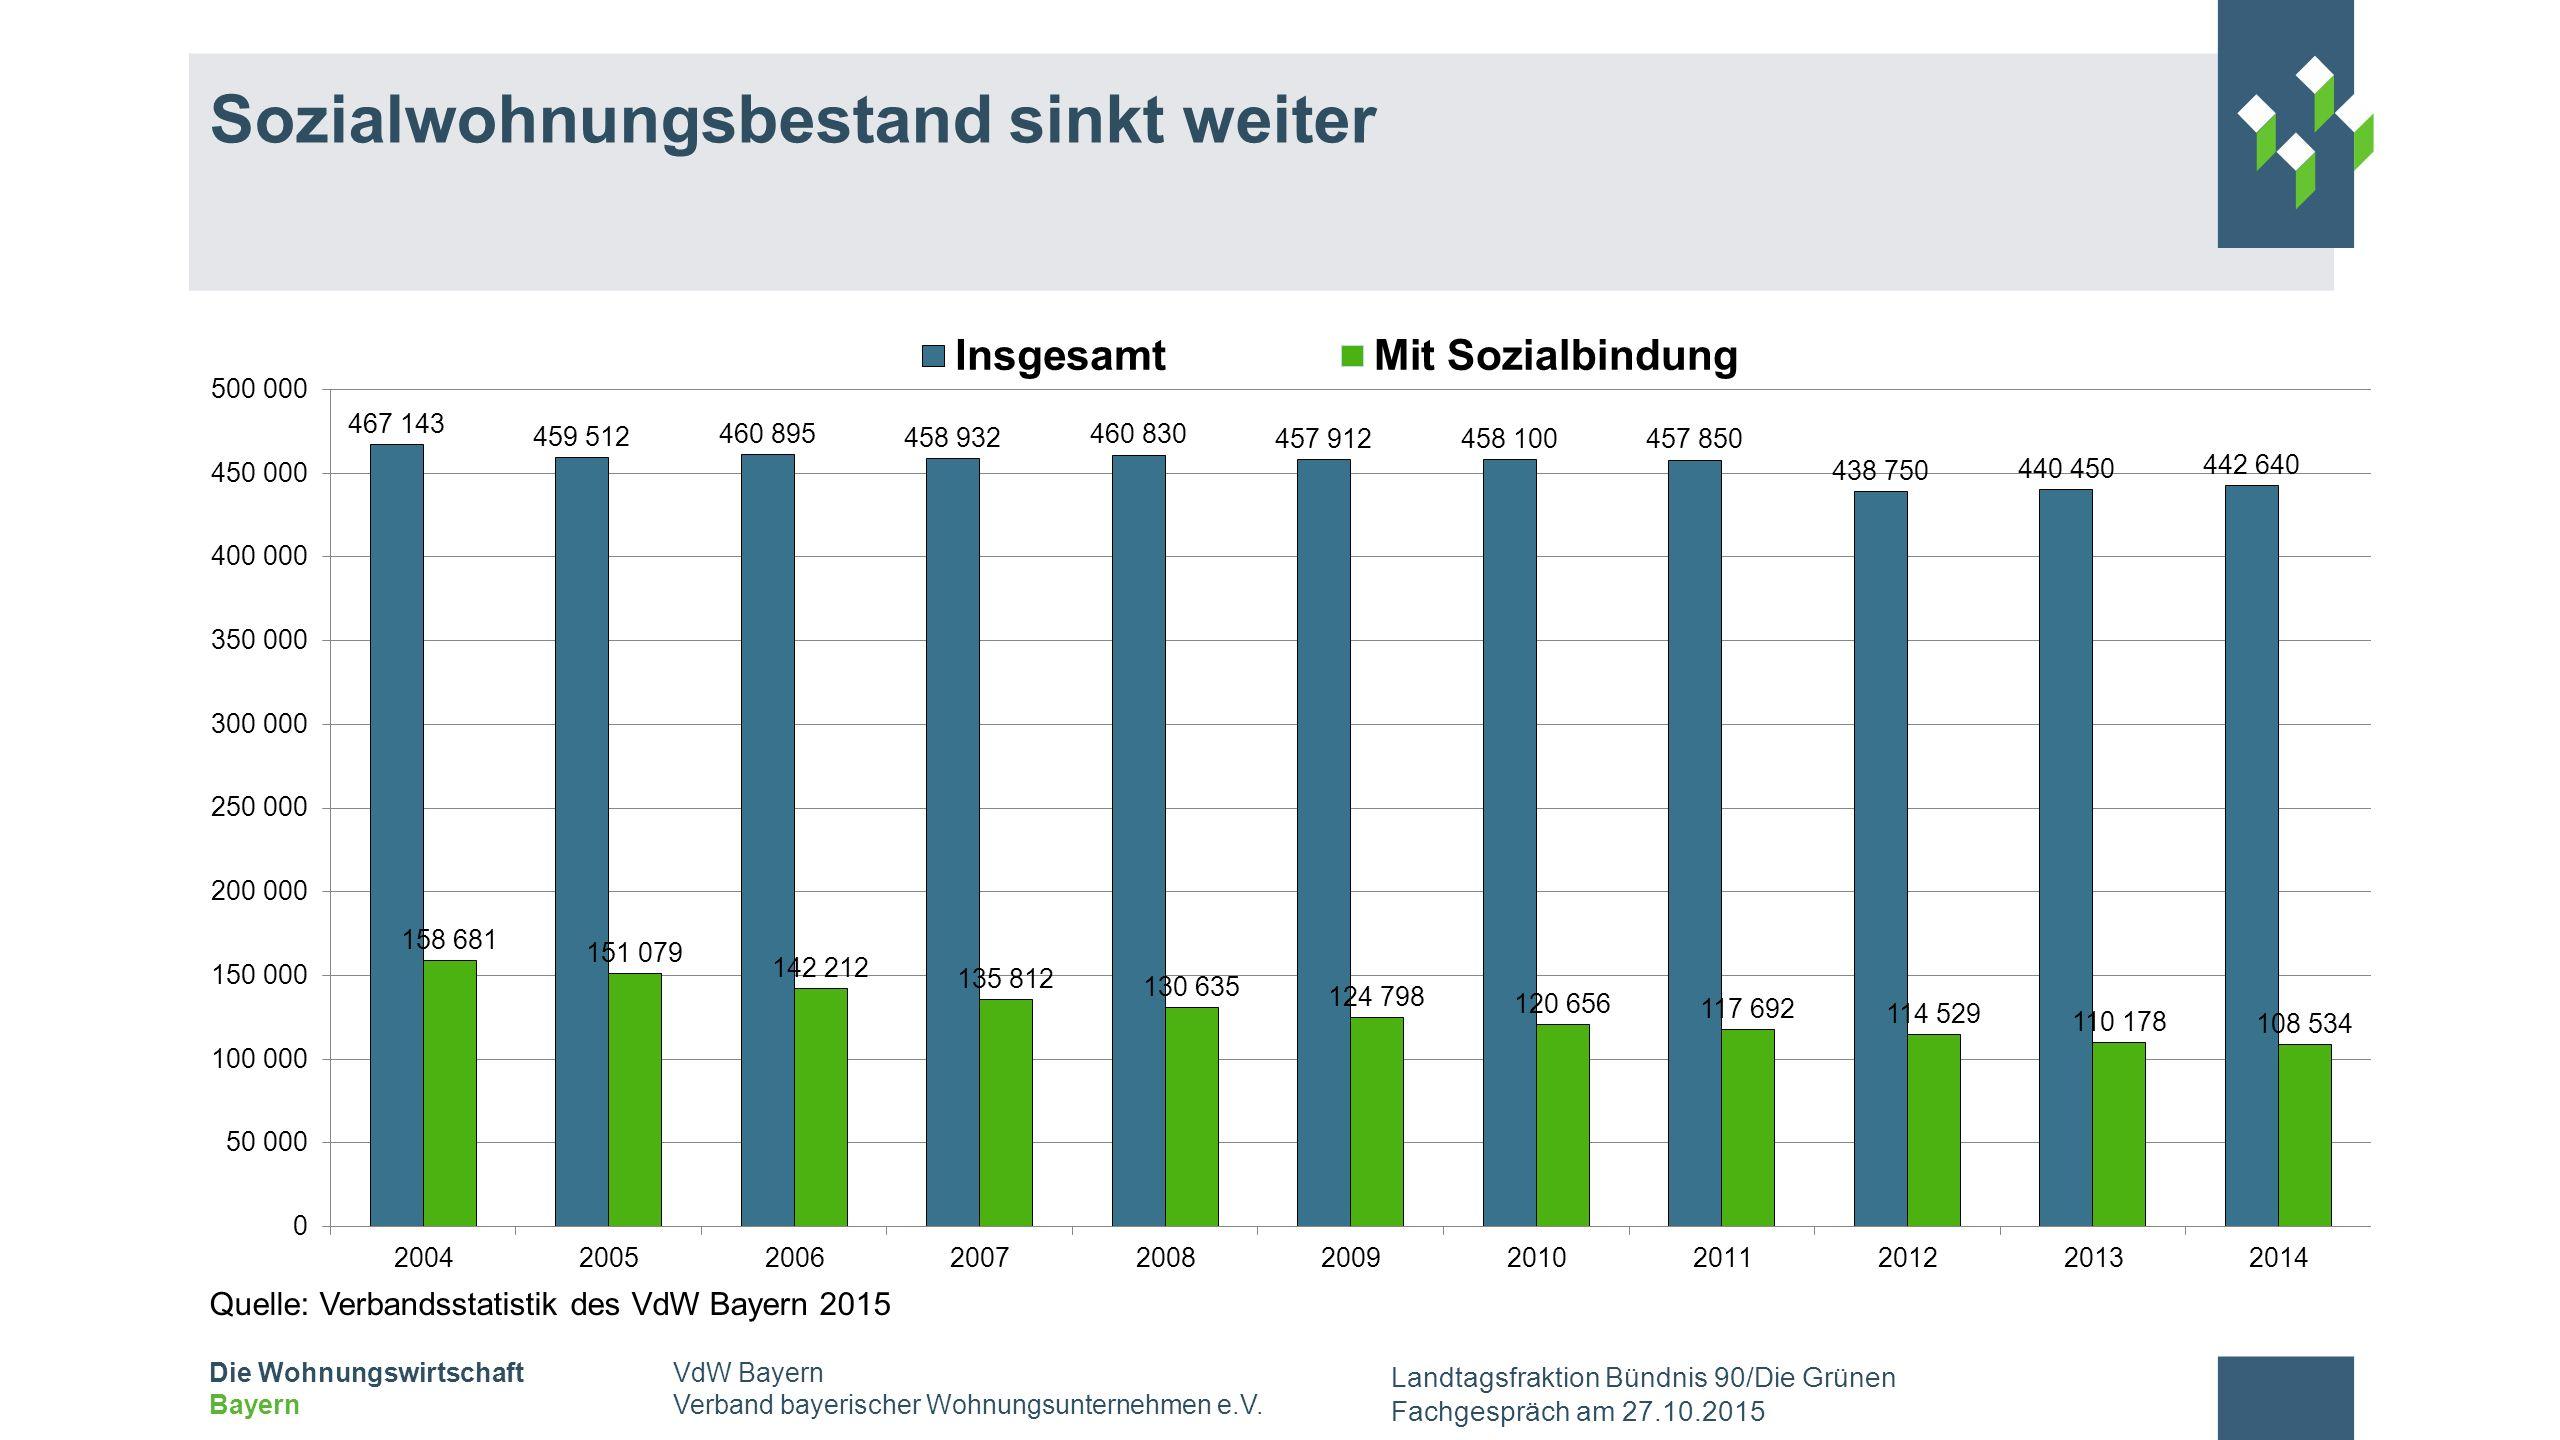 VdW Bayern Verband bayerischer Wohnungsunternehmen e.V.